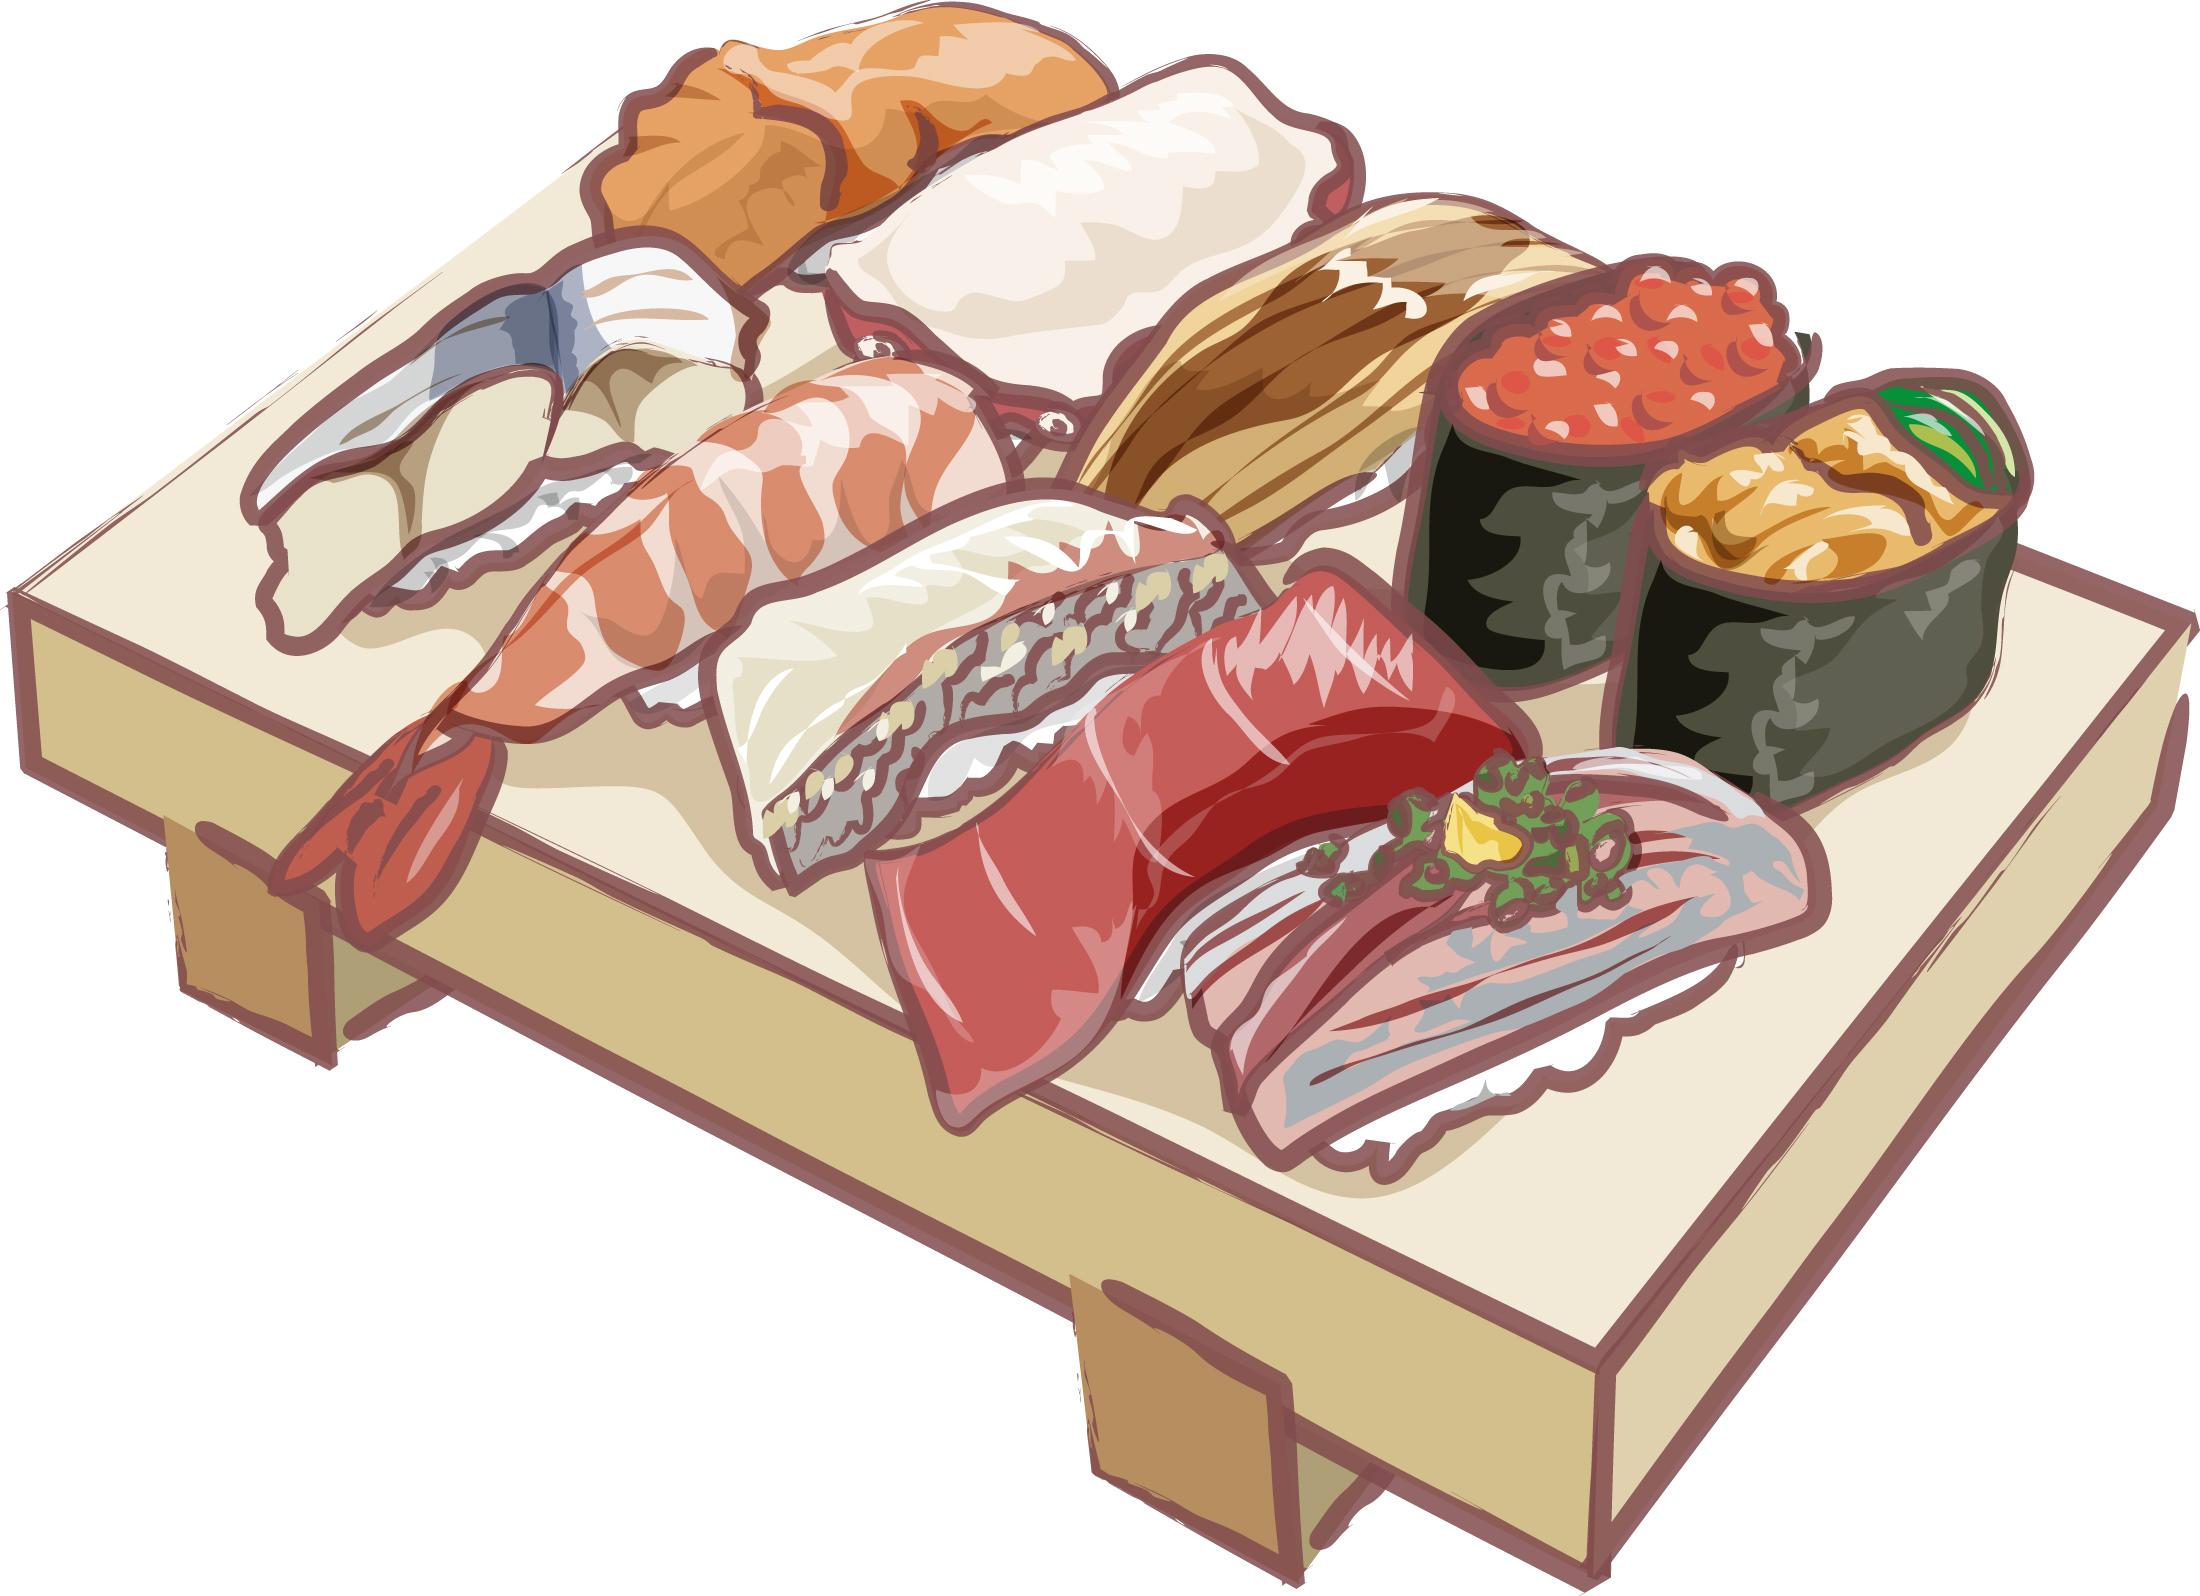 台湾の寿司ネタランキングで圧倒的人気の魚とは? 日本の3位は不人気で販売中止に